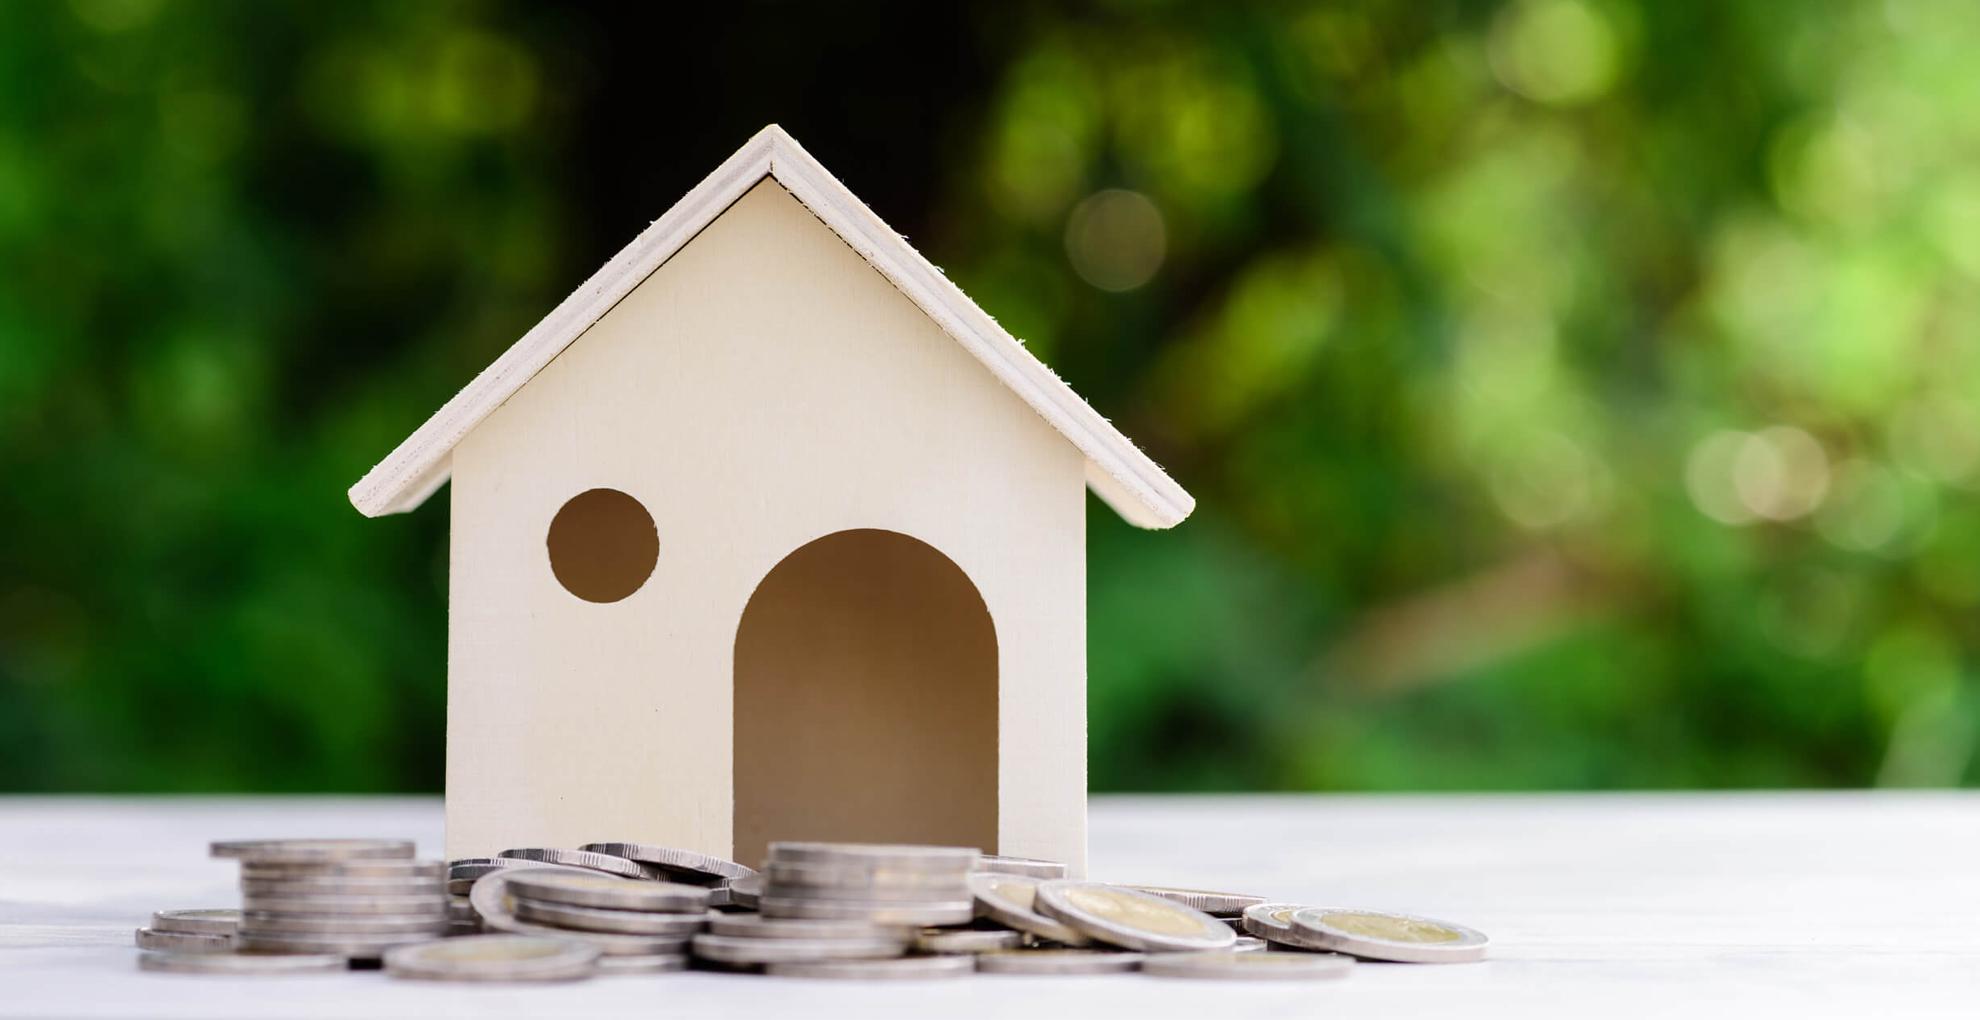 Agevolazioni fiscali per l acquisto della prima casa fino al 2019 blog oknoplast - Agevolazioni acquisto prima casa 2017 ...